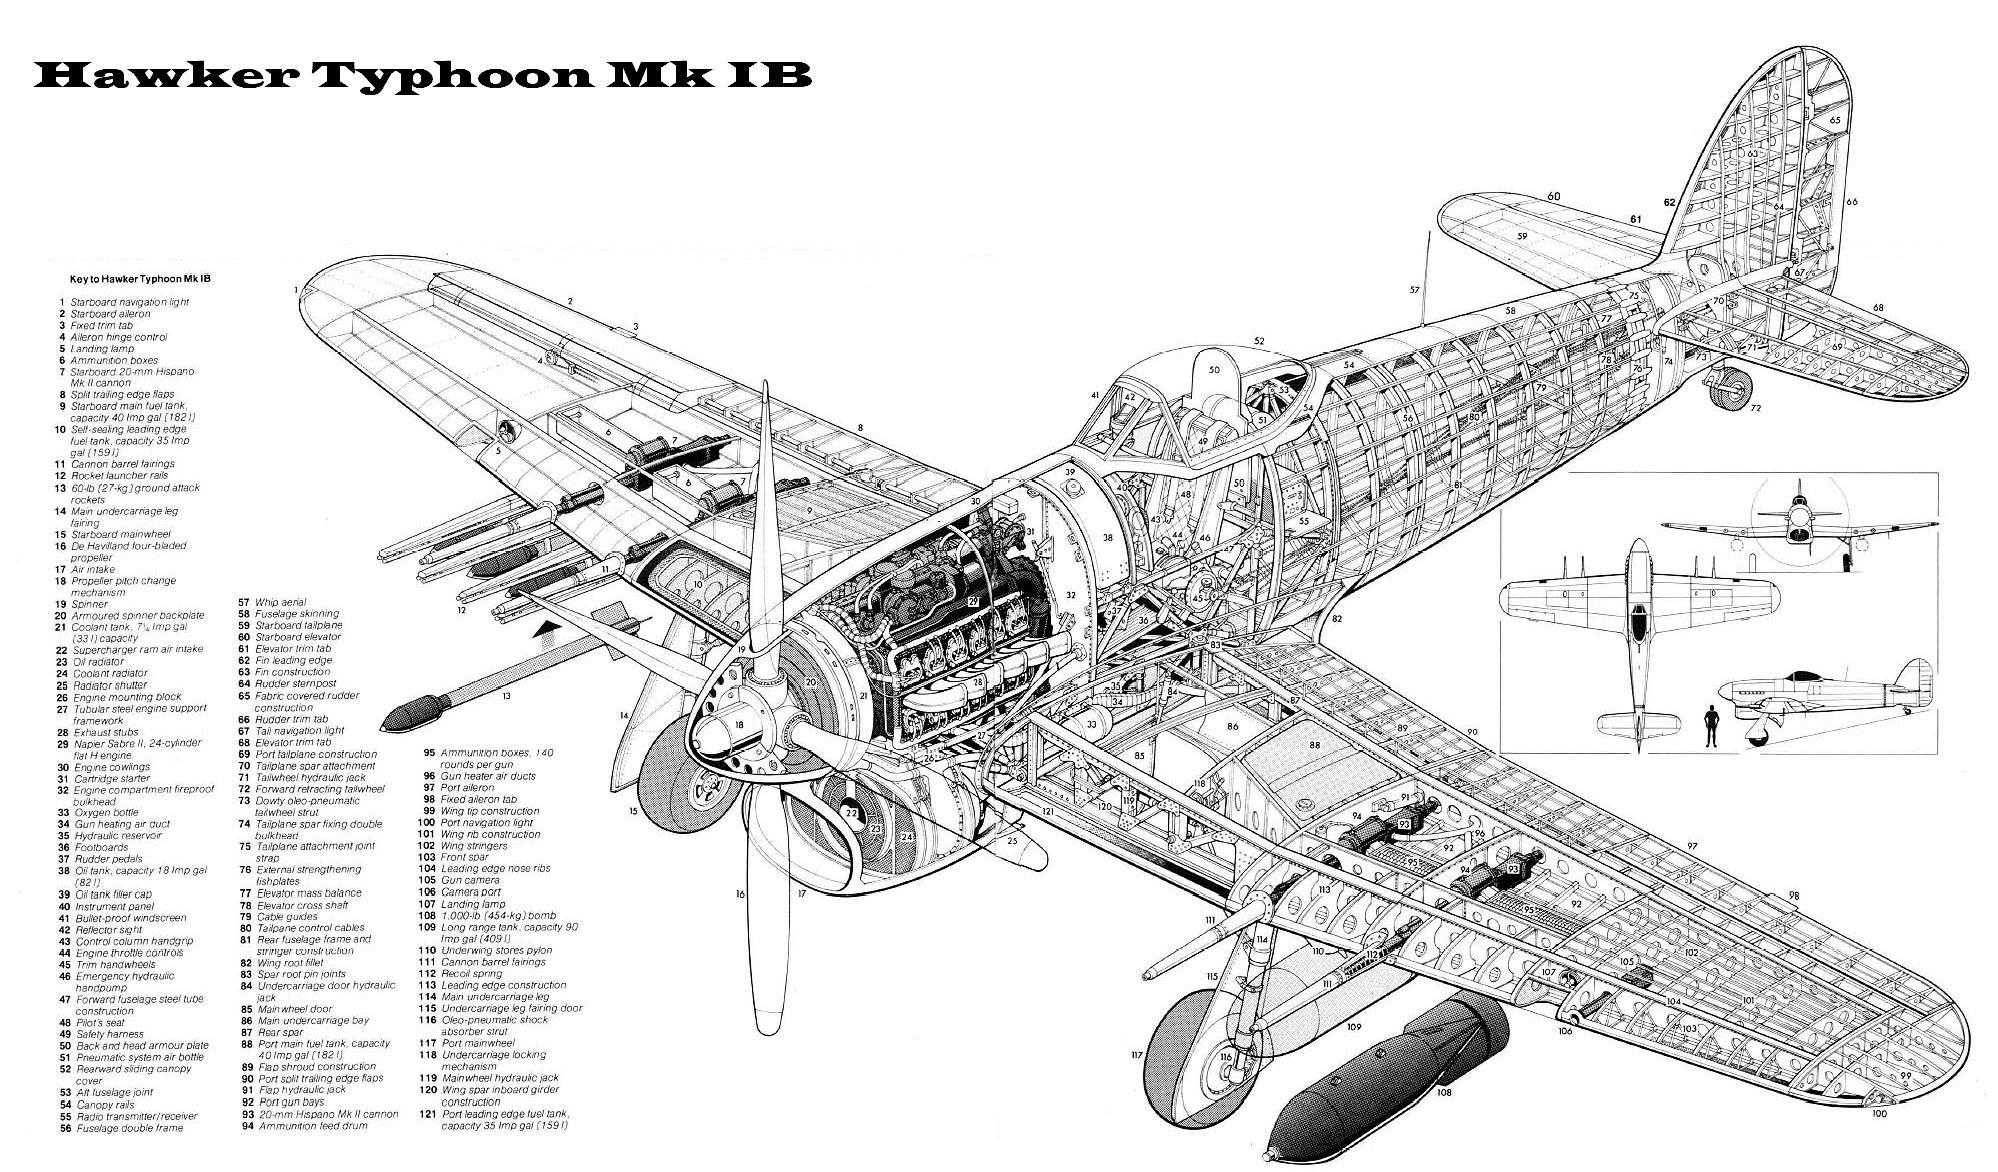 Hawker Typhoon Mk 1b Cutaway